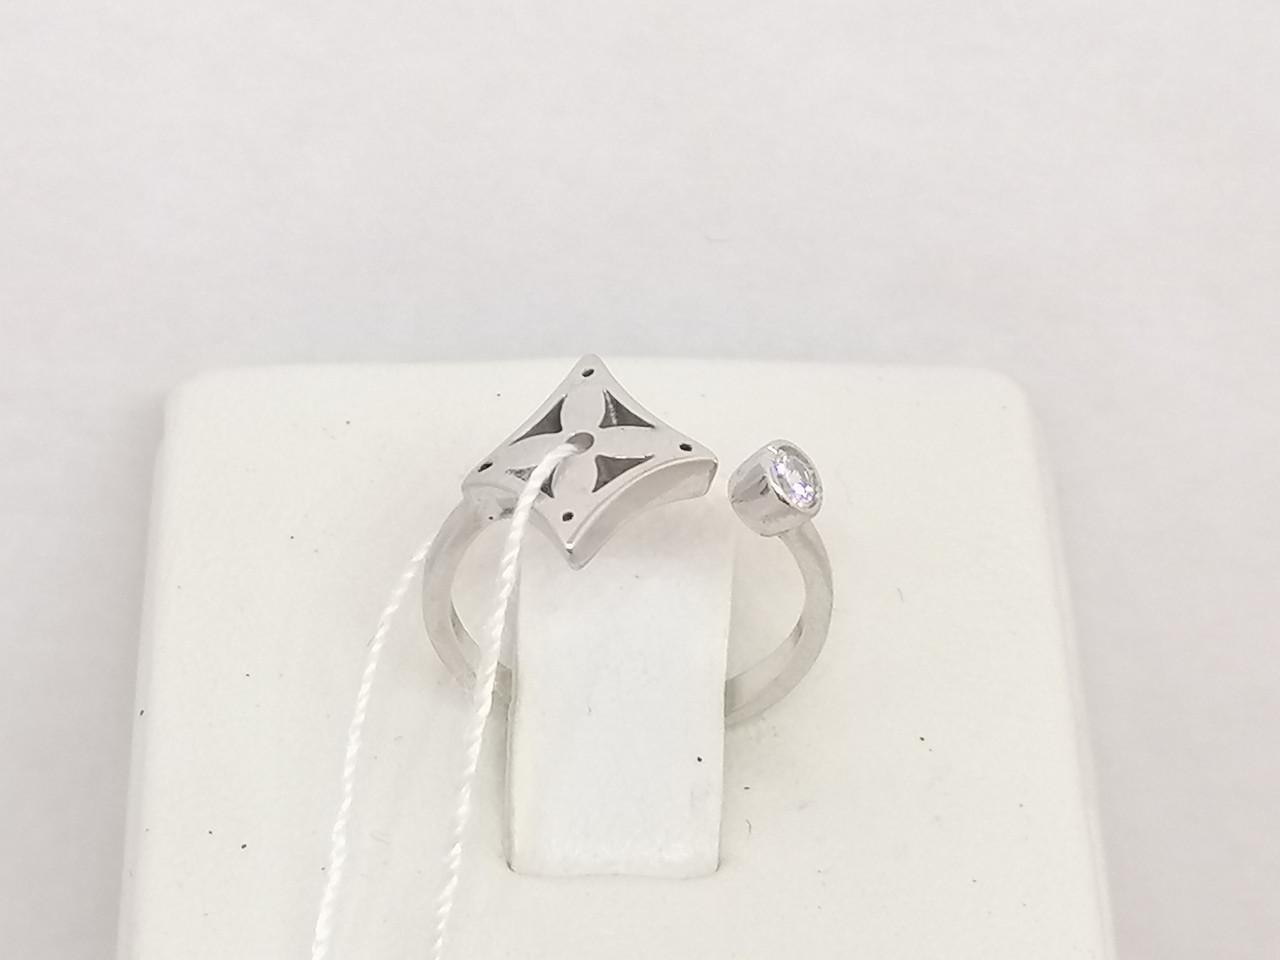 Серебряное кольцо с фианитом. Артикул 3819 14